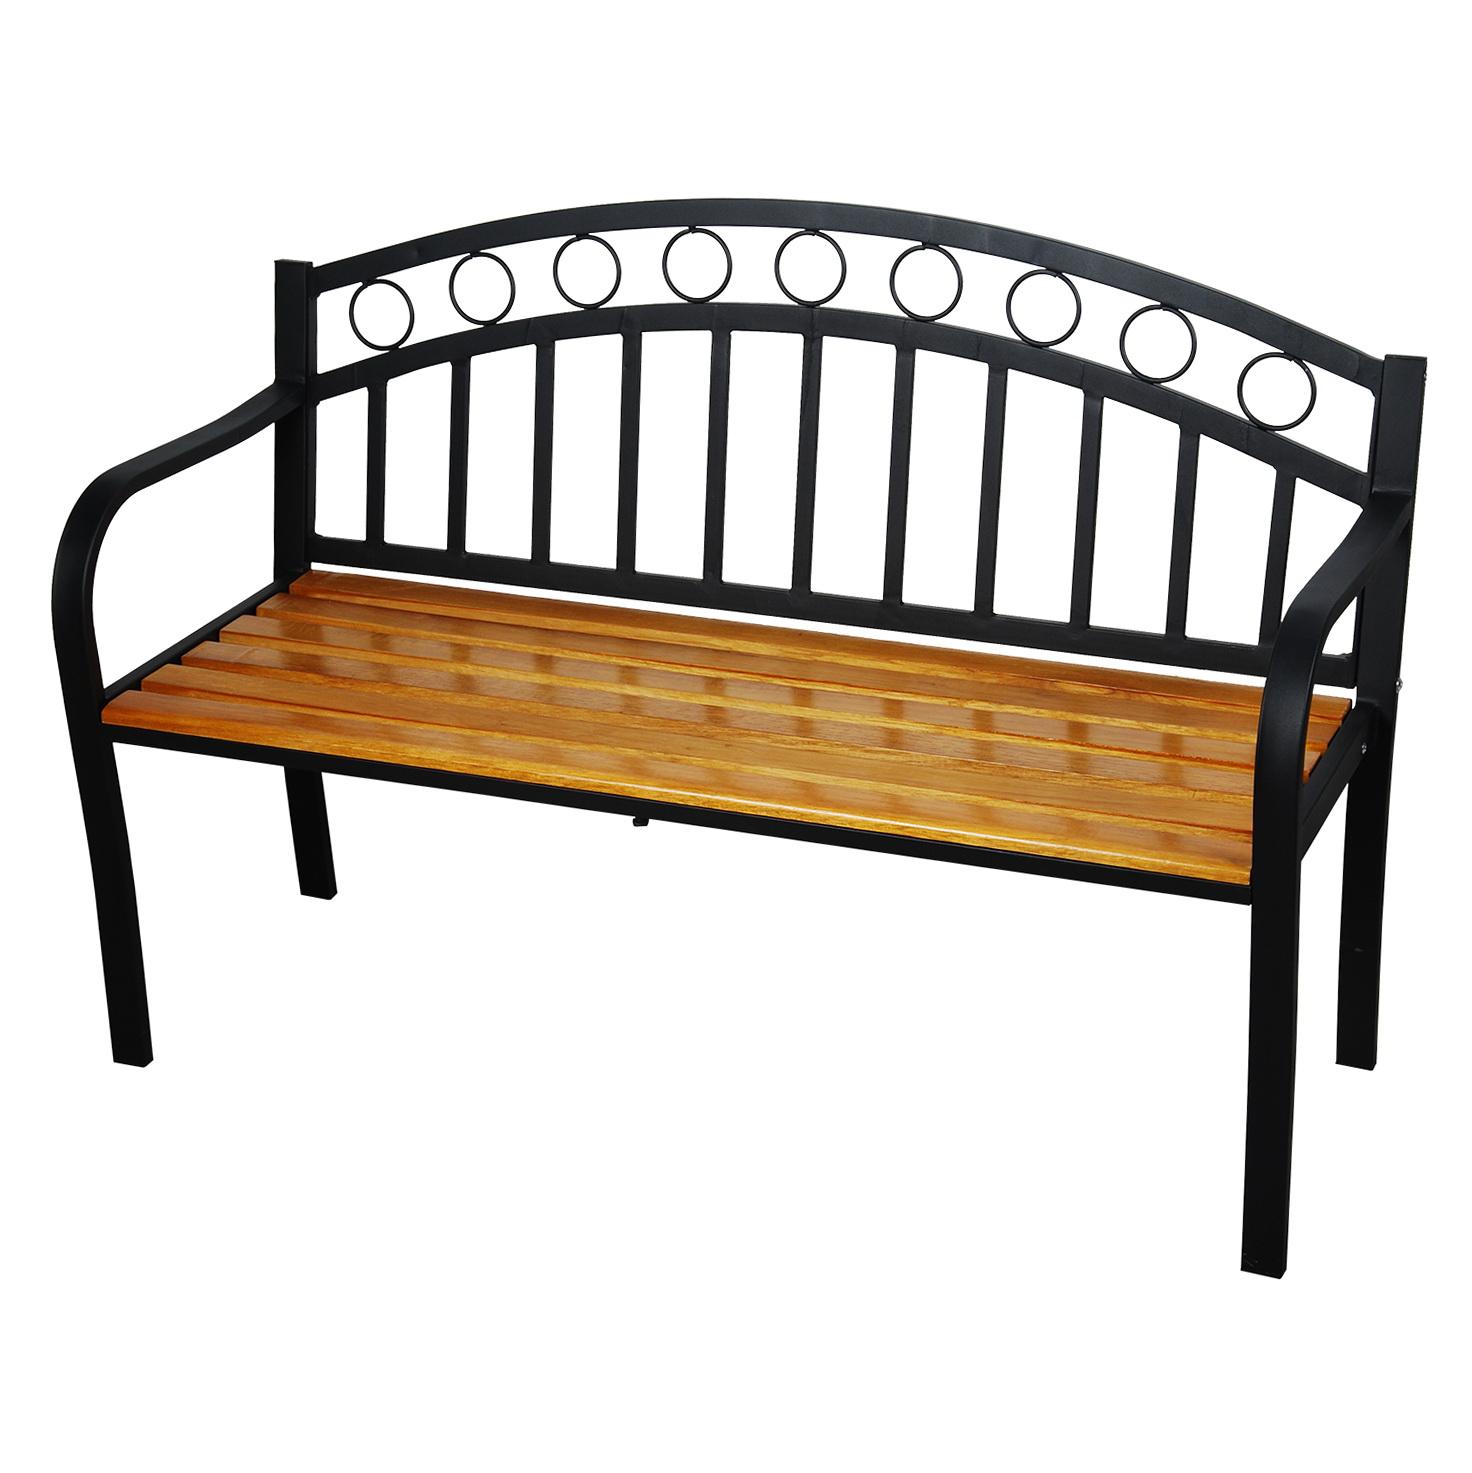 Wooden Garden Benches Ebay